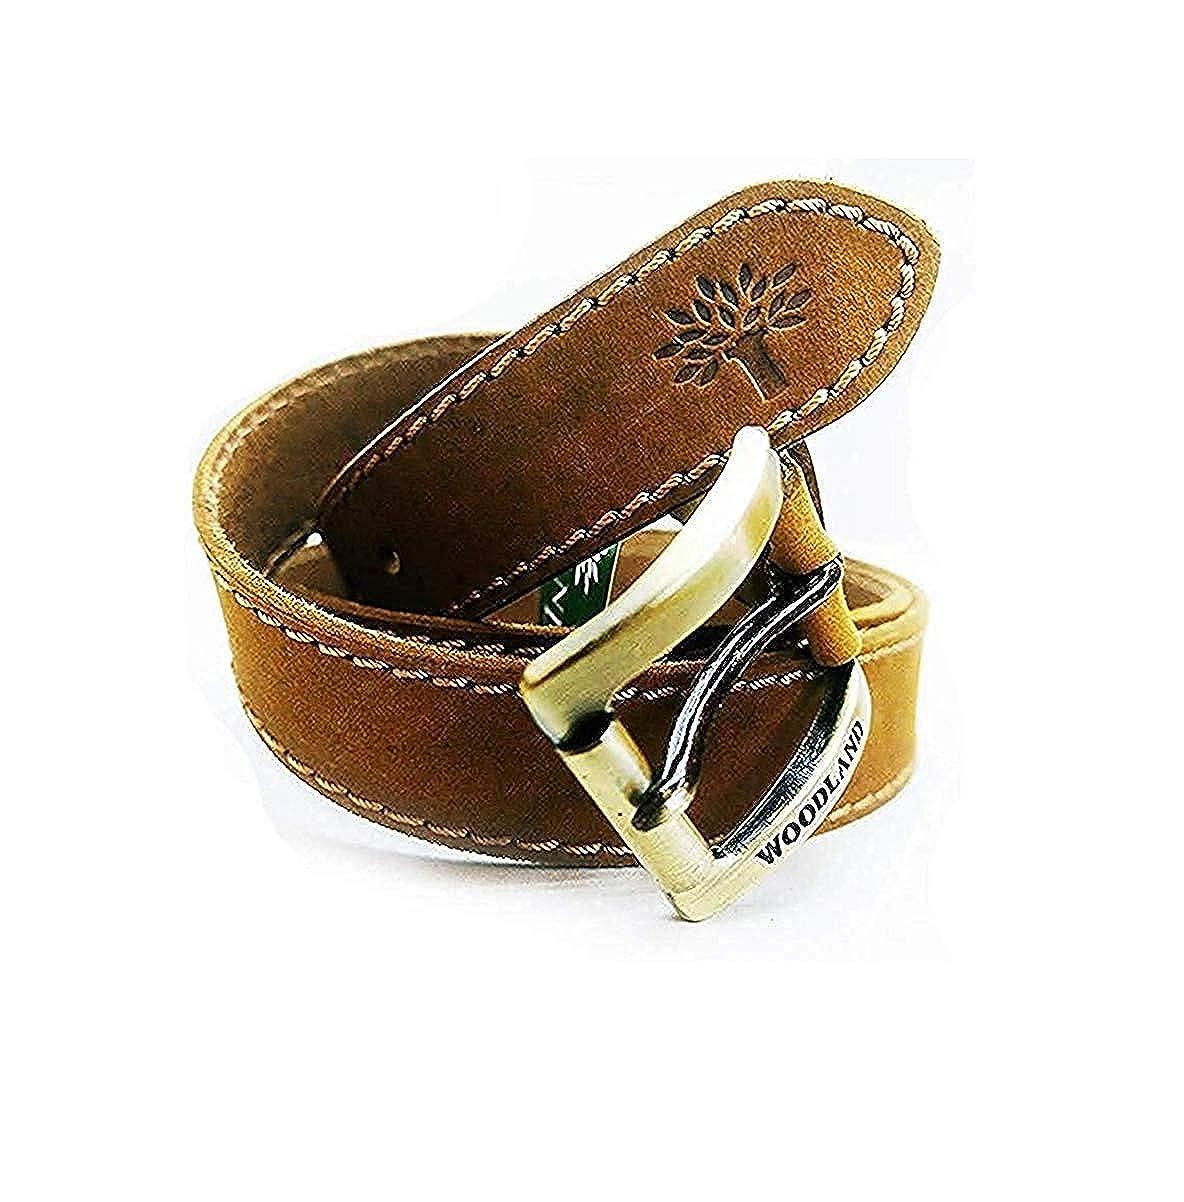 Leather Casual Belt For Men Men's Belts